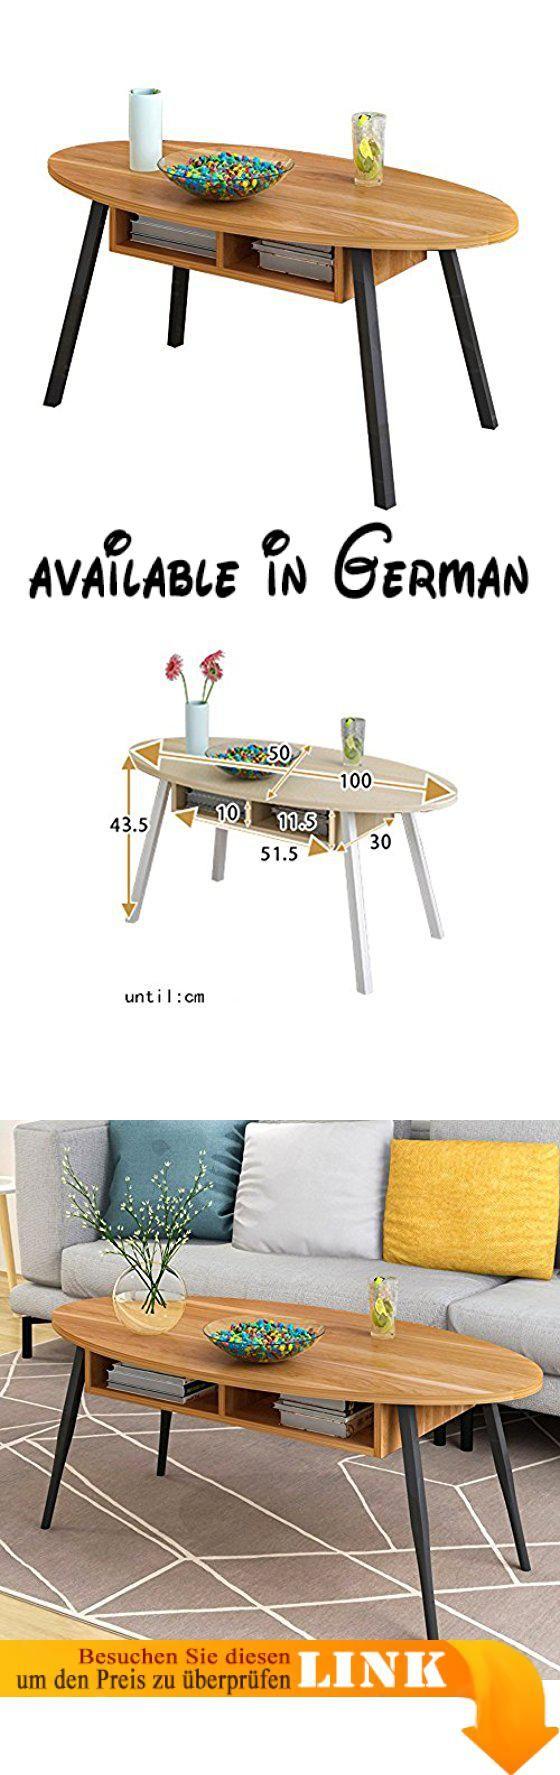 3324 best Möbel - Wohnzimmer images on Pinterest